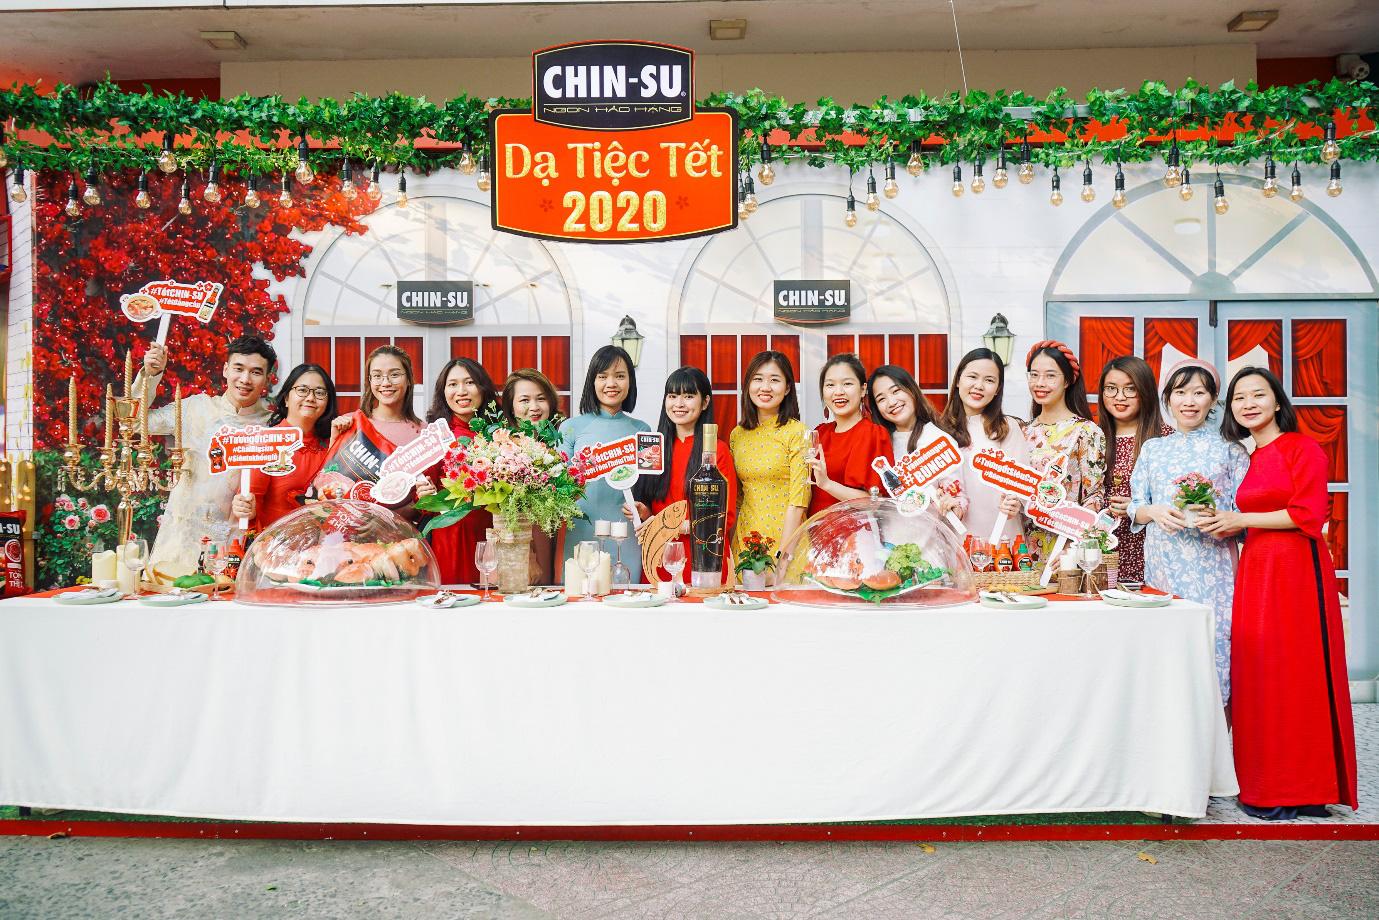 Xuýt xoa với loạt ảnh hot girl Mắt Biếc check-in với các siêu phẩm siêu to khổng lồ tại Góc Phố Xuân 2020 - Ảnh 5.